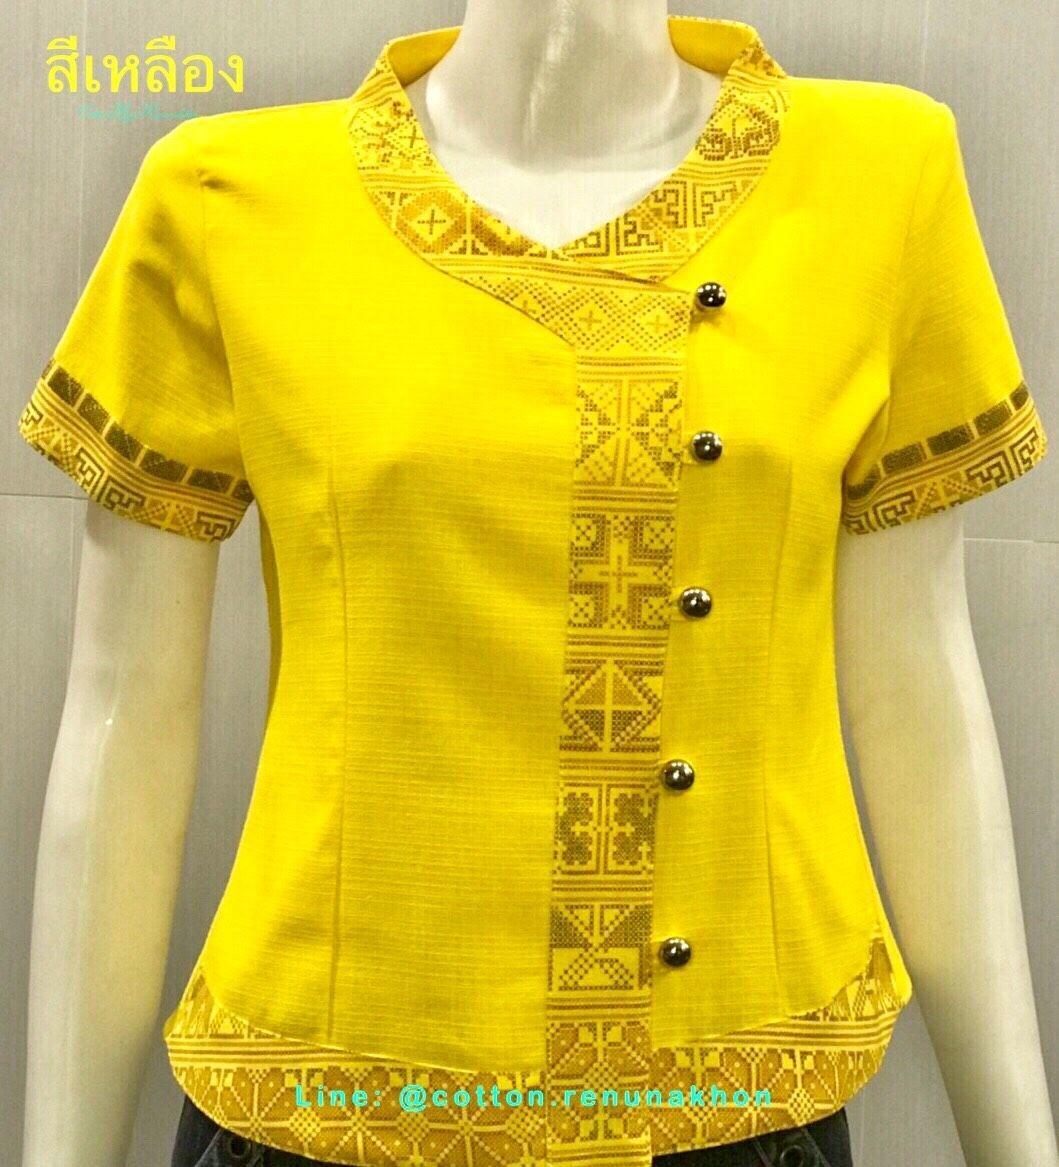 เสื้อผ้าฝ้ายซินมัย-แขนสั้น-สีเหลือง